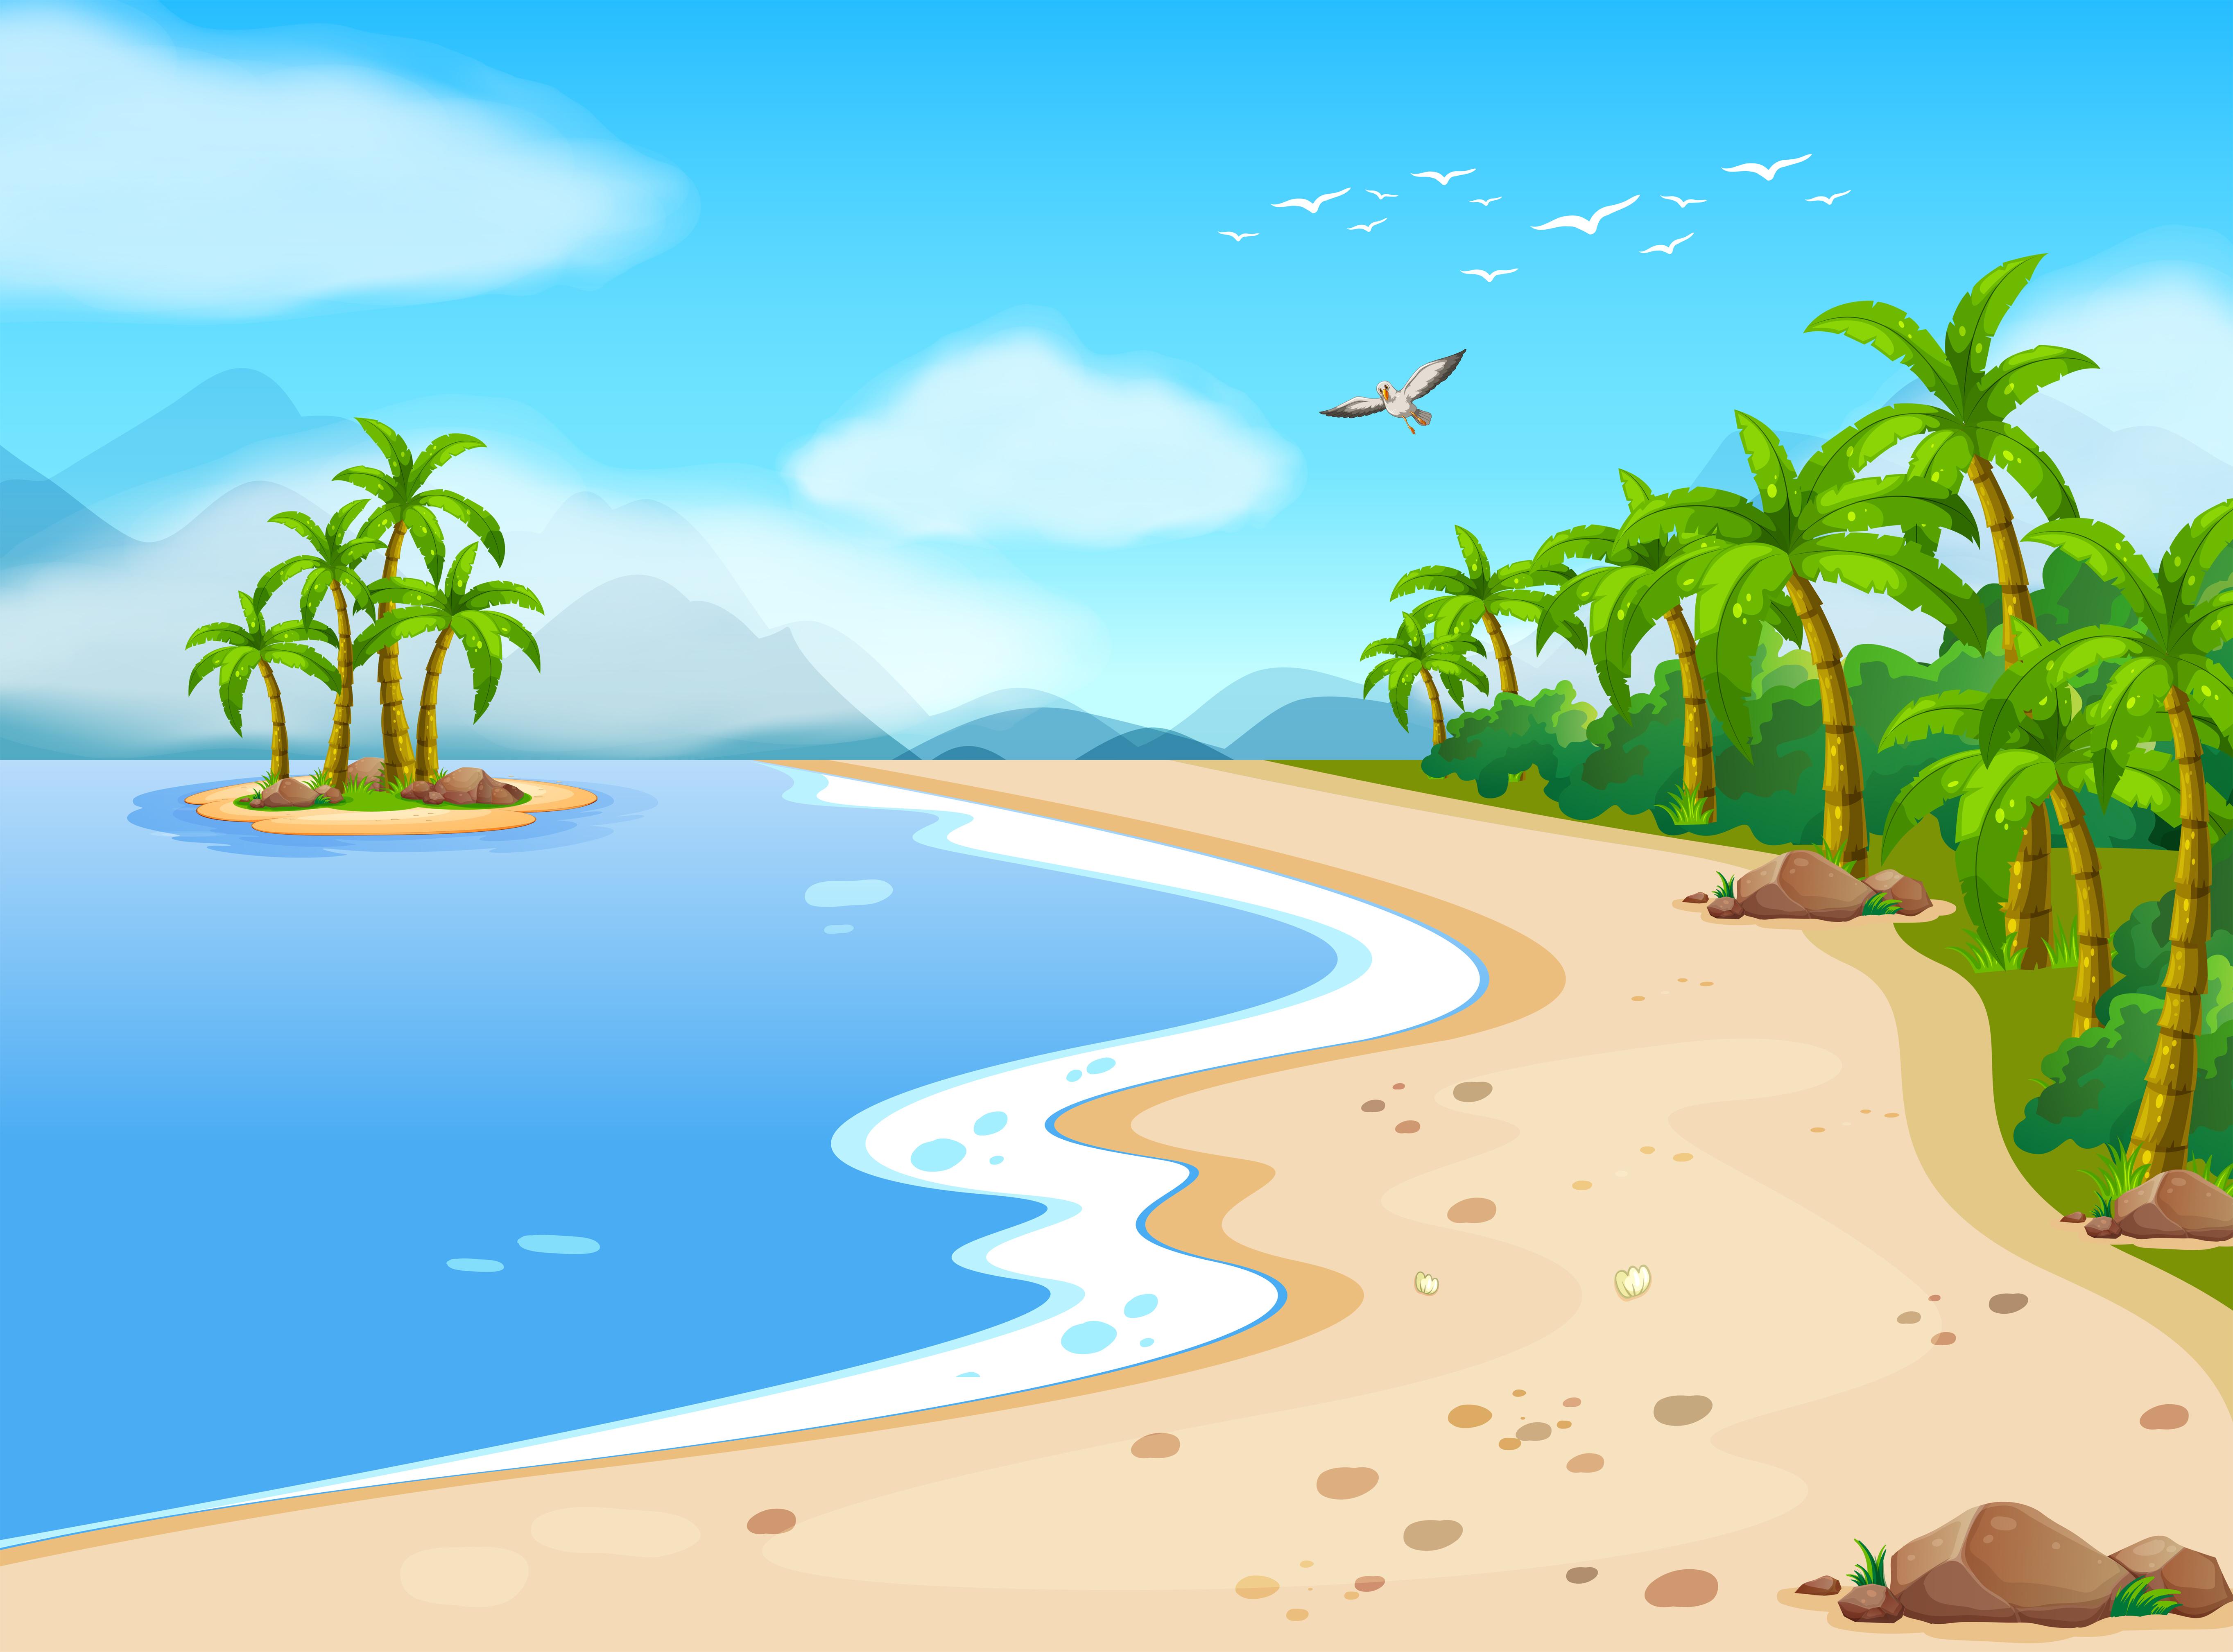 Beach - Download Free Vectors, Clipart Graphics & Vector Art